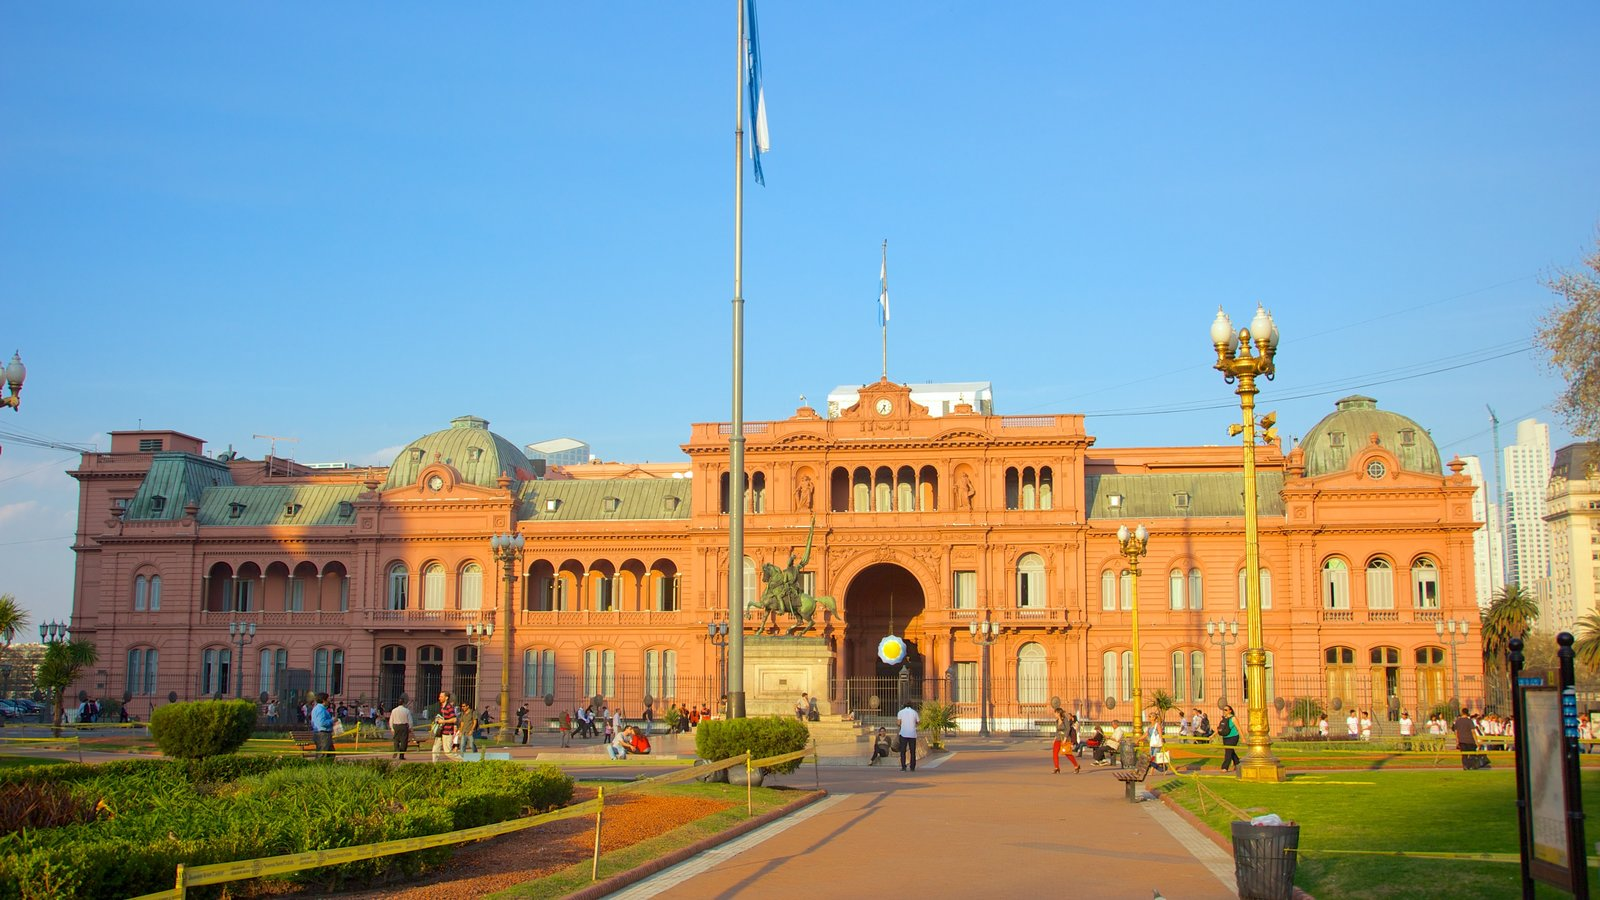 Casa Rosada que inclui arquitetura de patrimônio, uma praça ou plaza e elementos de patrimônio